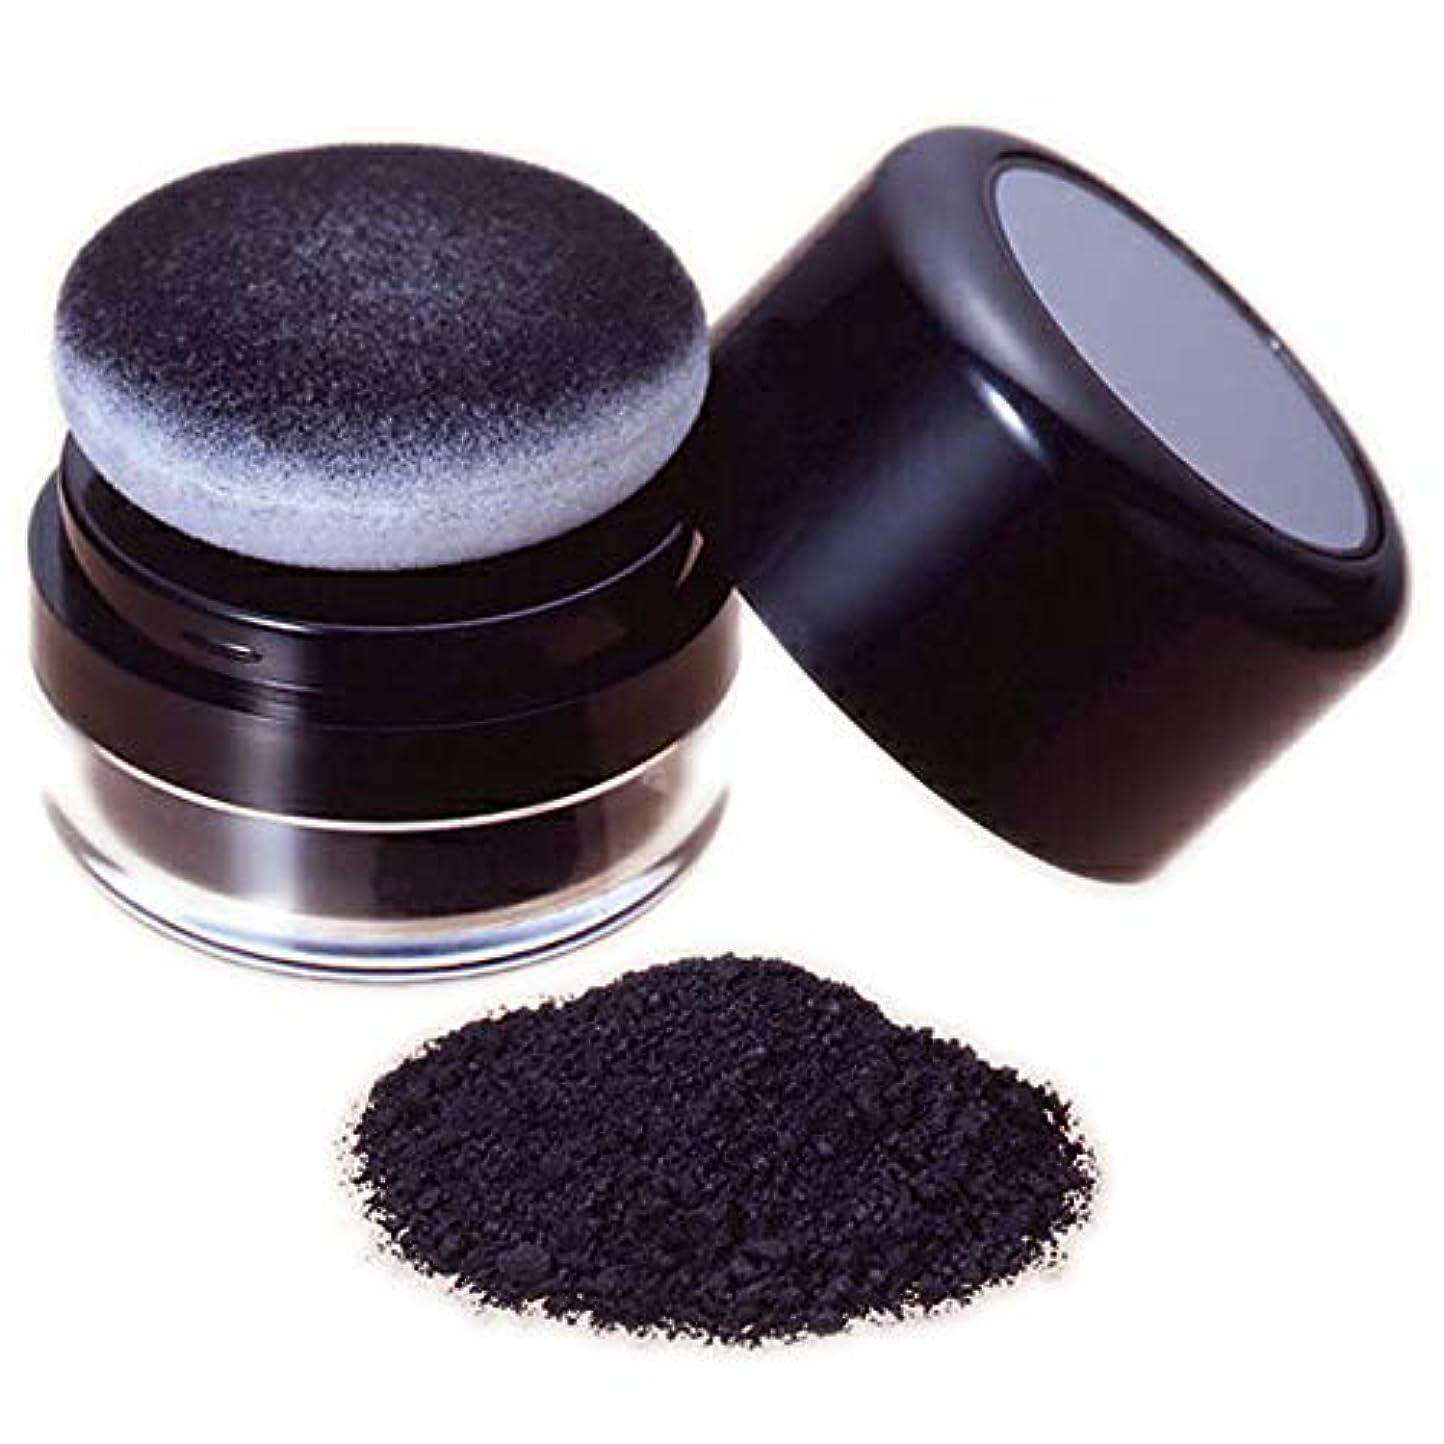 こんにちはビュッフェ限りなく薄毛部分にミクロの粉でハゲ隠の黒い粉し【ヘ ア ー フ ァ ン デ ー シ ョ ン (黒色)